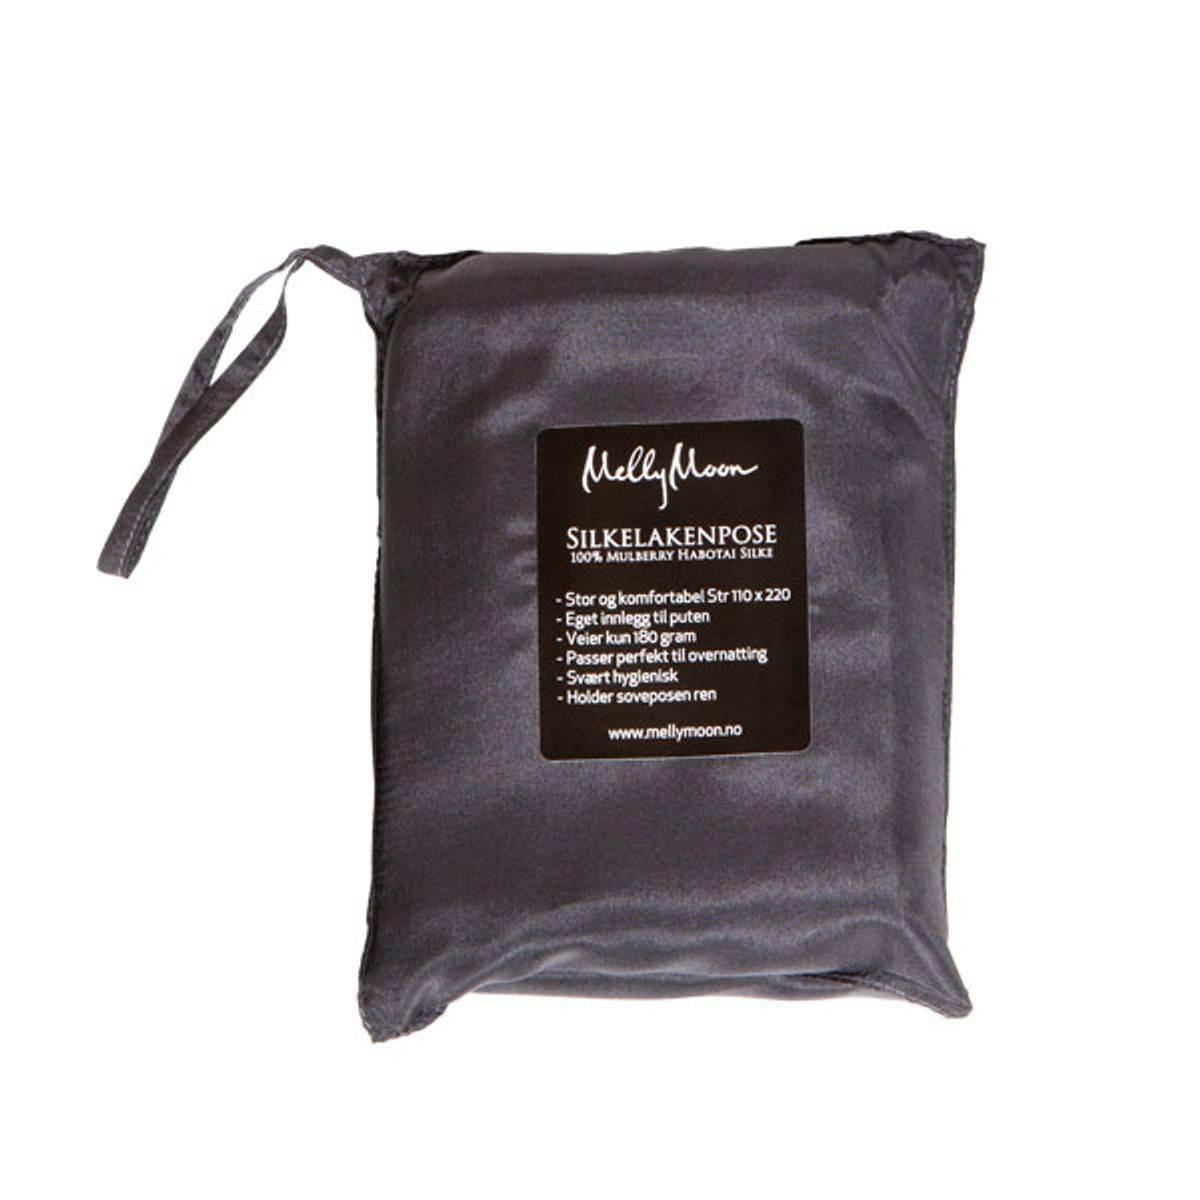 Silkelakenpose - koksgrå